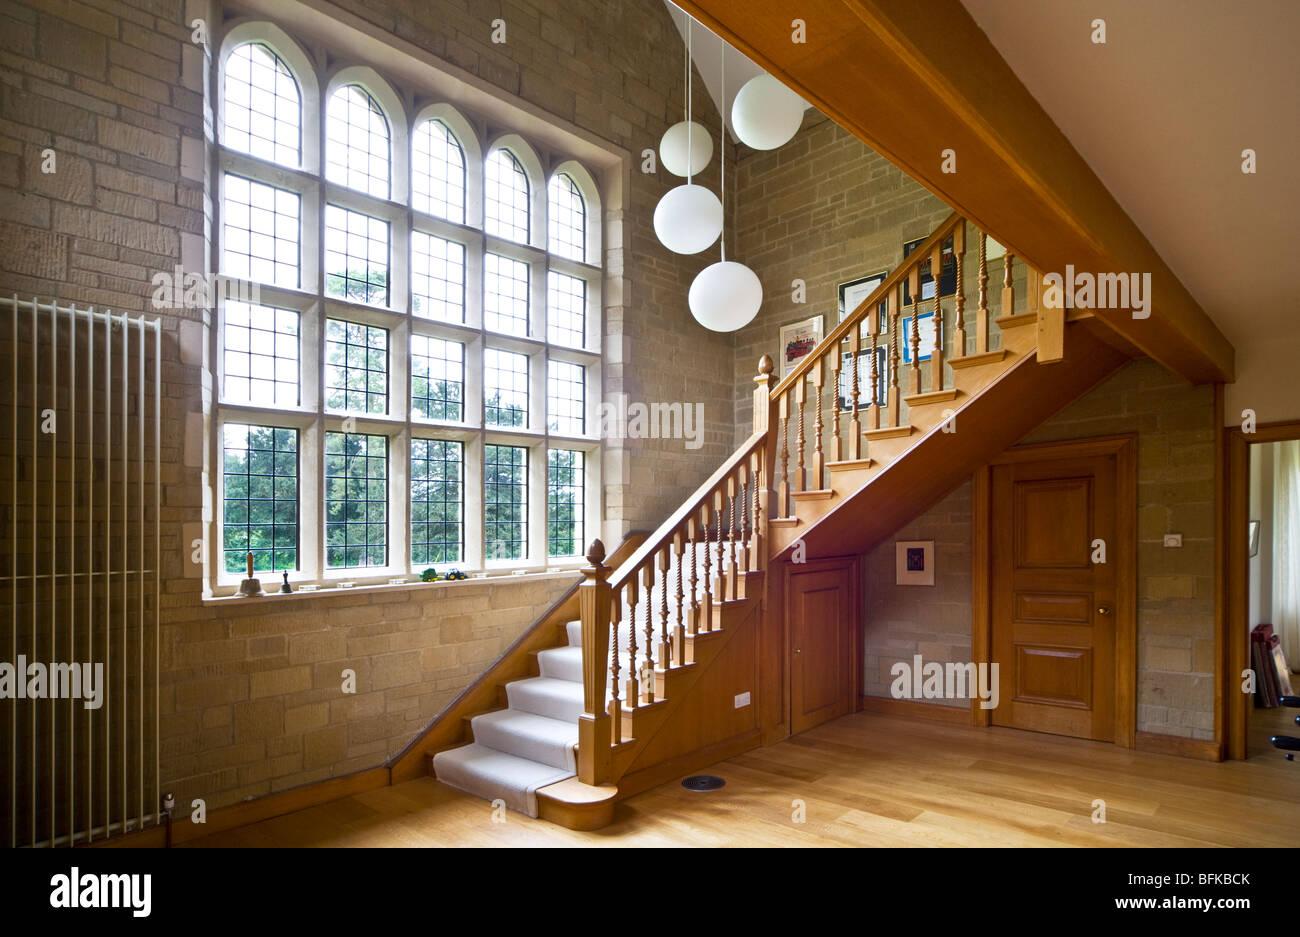 Gran escalera de madera y piedra pasillo con ventanas geminadas en una gran casa inglesa contemporánea moderna Imagen De Stock